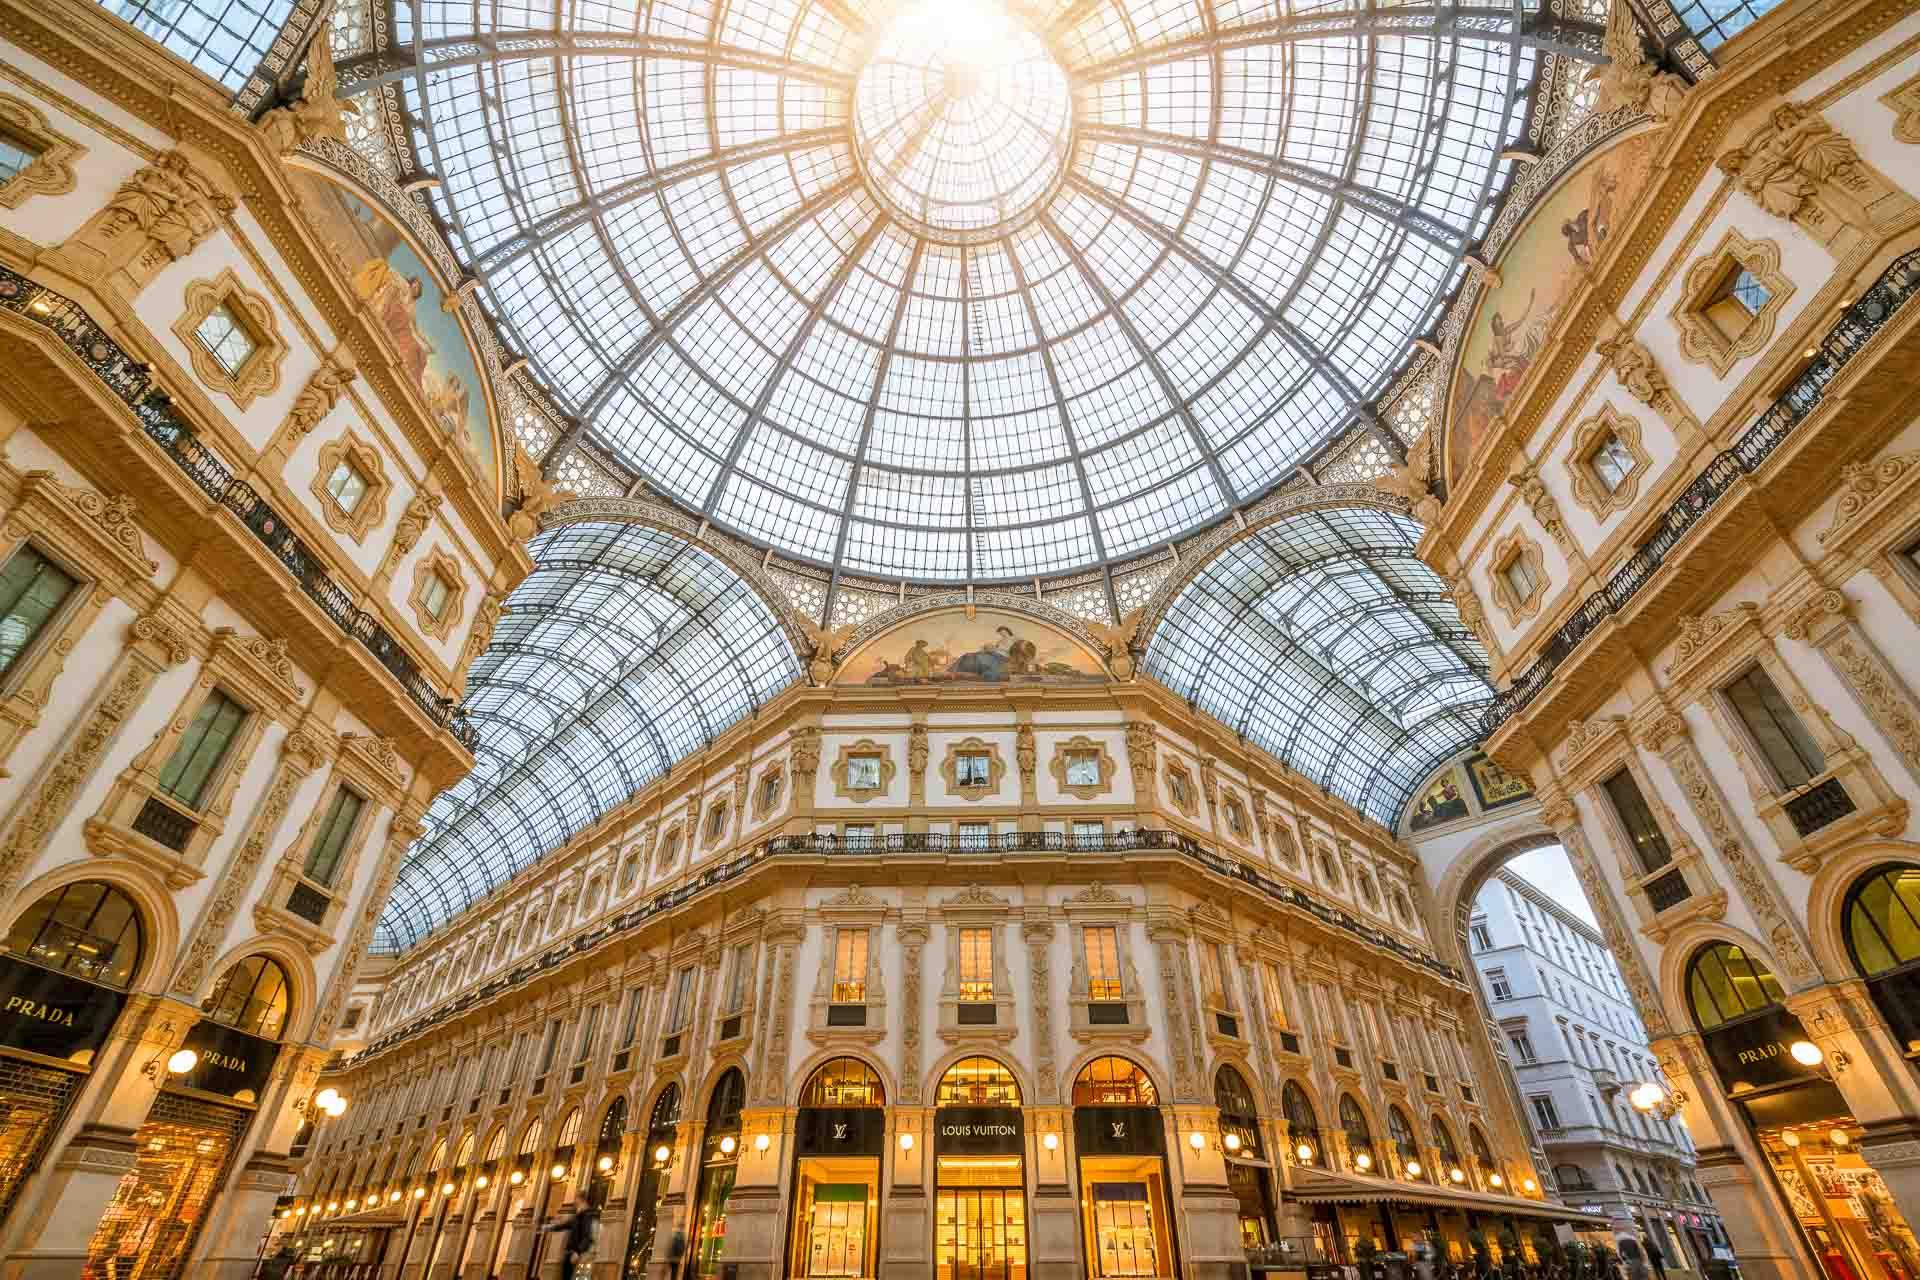 Premier hôtel signé Rocco Forte à Milan (le huitième en Italie), The Carlton Milan accueillera ses premiers clients en 2023. Le nouveau 5-étoiles sera situé Via della Spiga, au cœur du « Quadrilatère de la mode ».